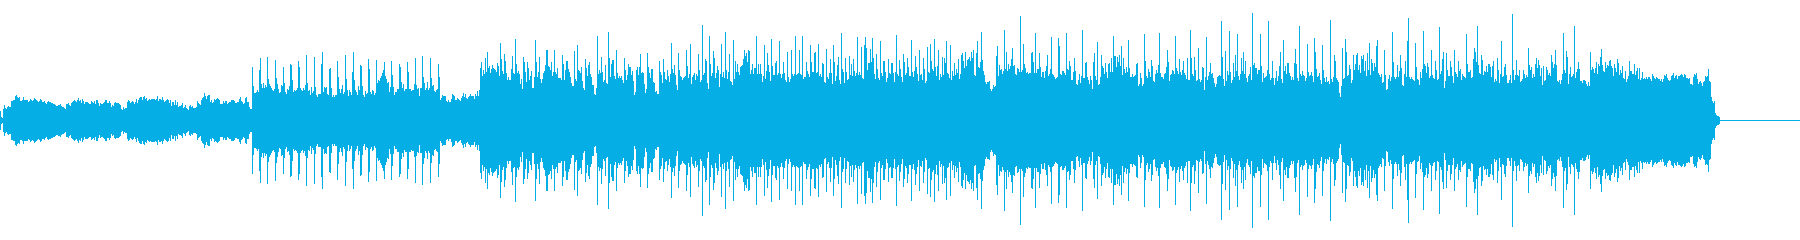 アンコール曲のようなエモバラードロックの再生済みの波形